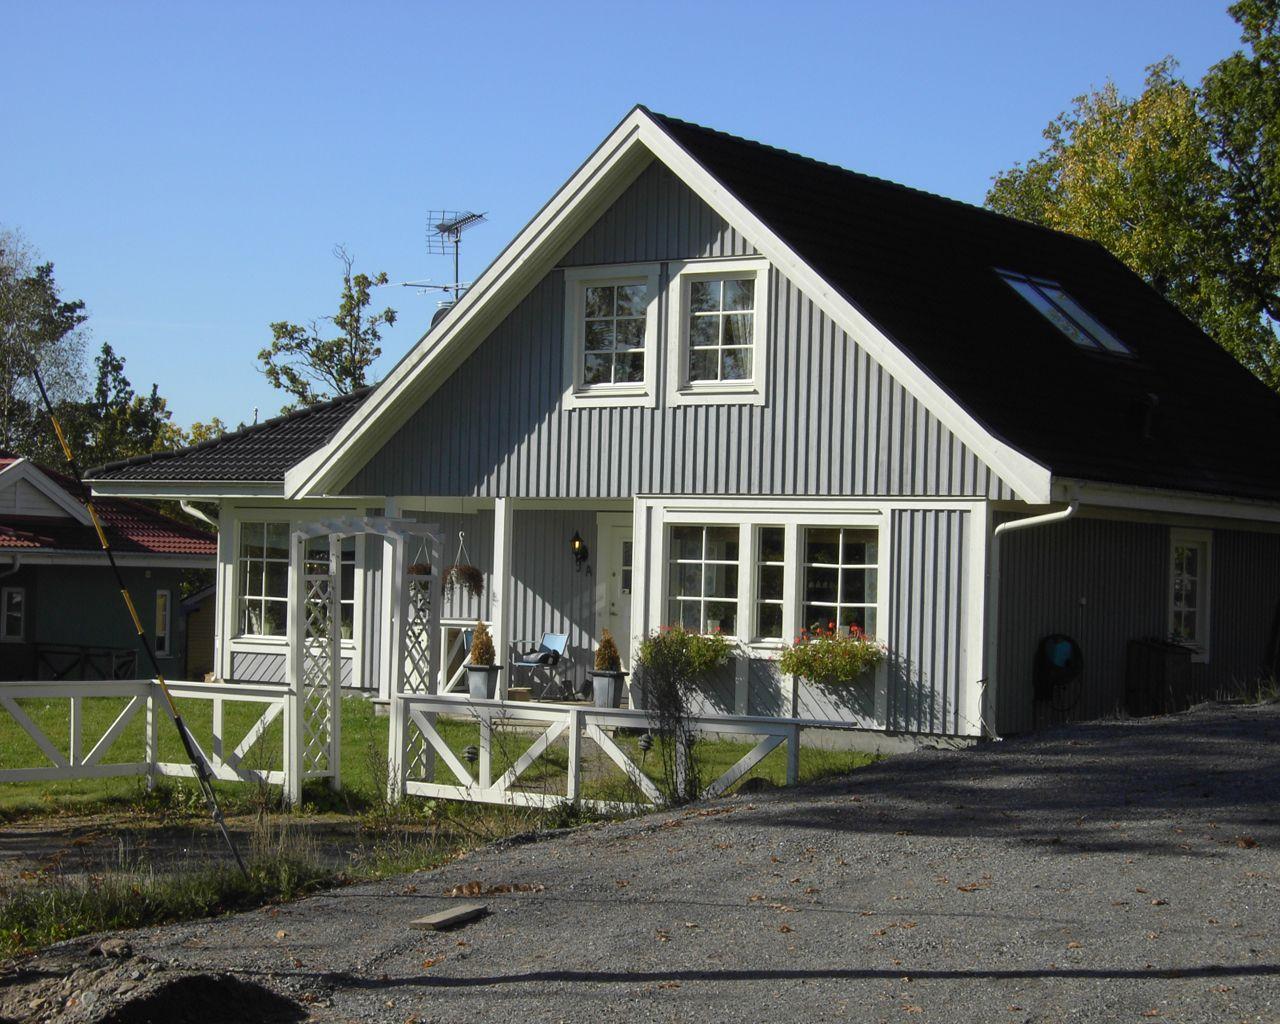 Schwedenhaus grau  Unsere Bauunternehmer bauen Ihr Schwedenhaus, bezahlbar in ganz ...